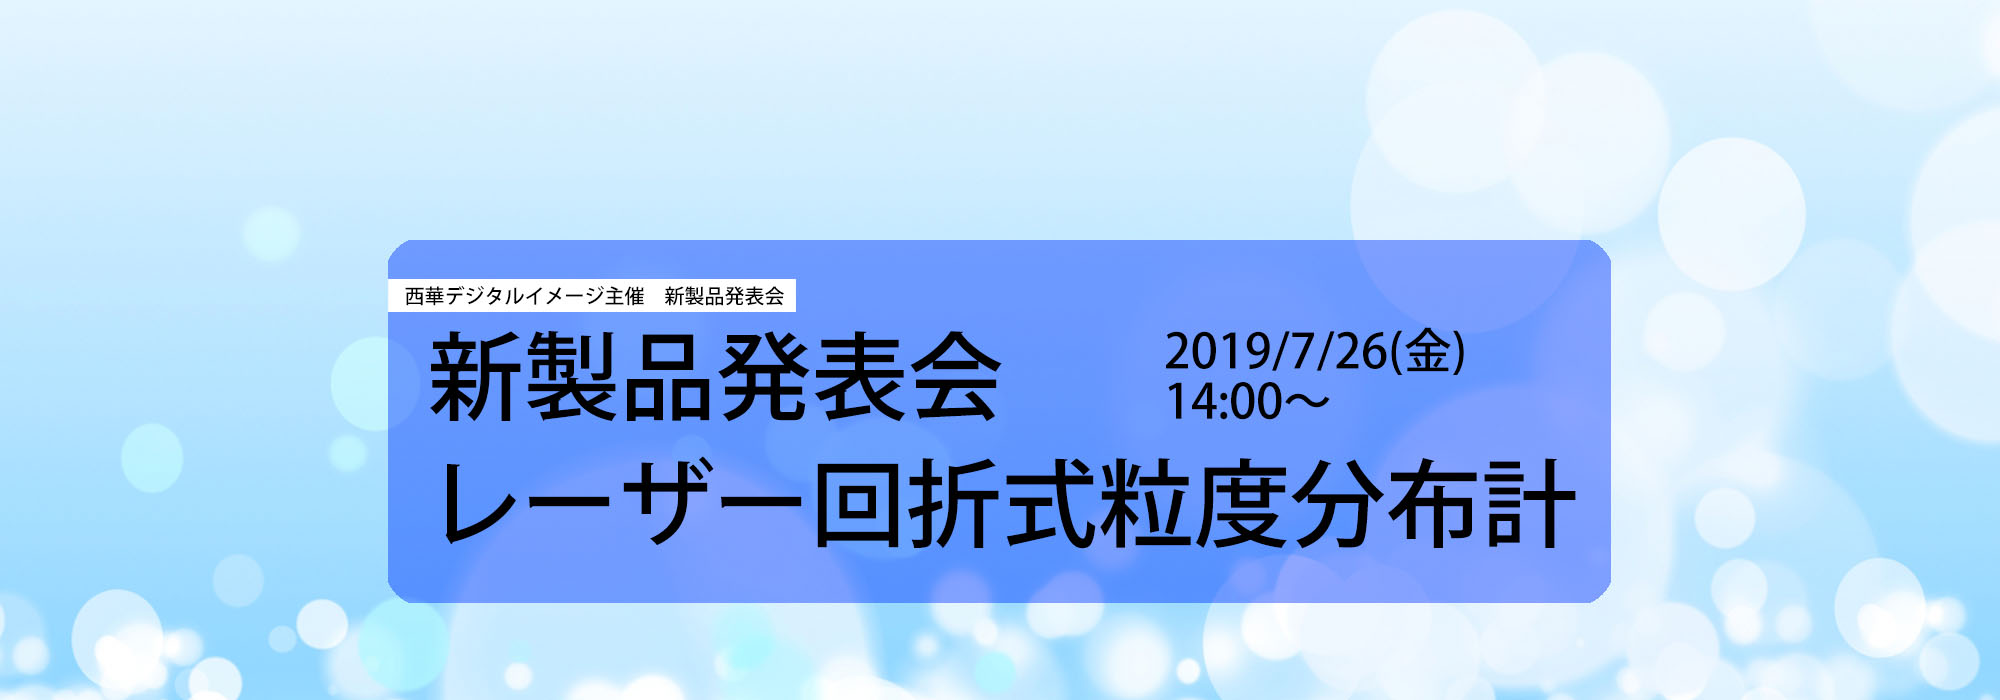 【セミナー情報】粒度分布計新製品発表会開催のお知らせ